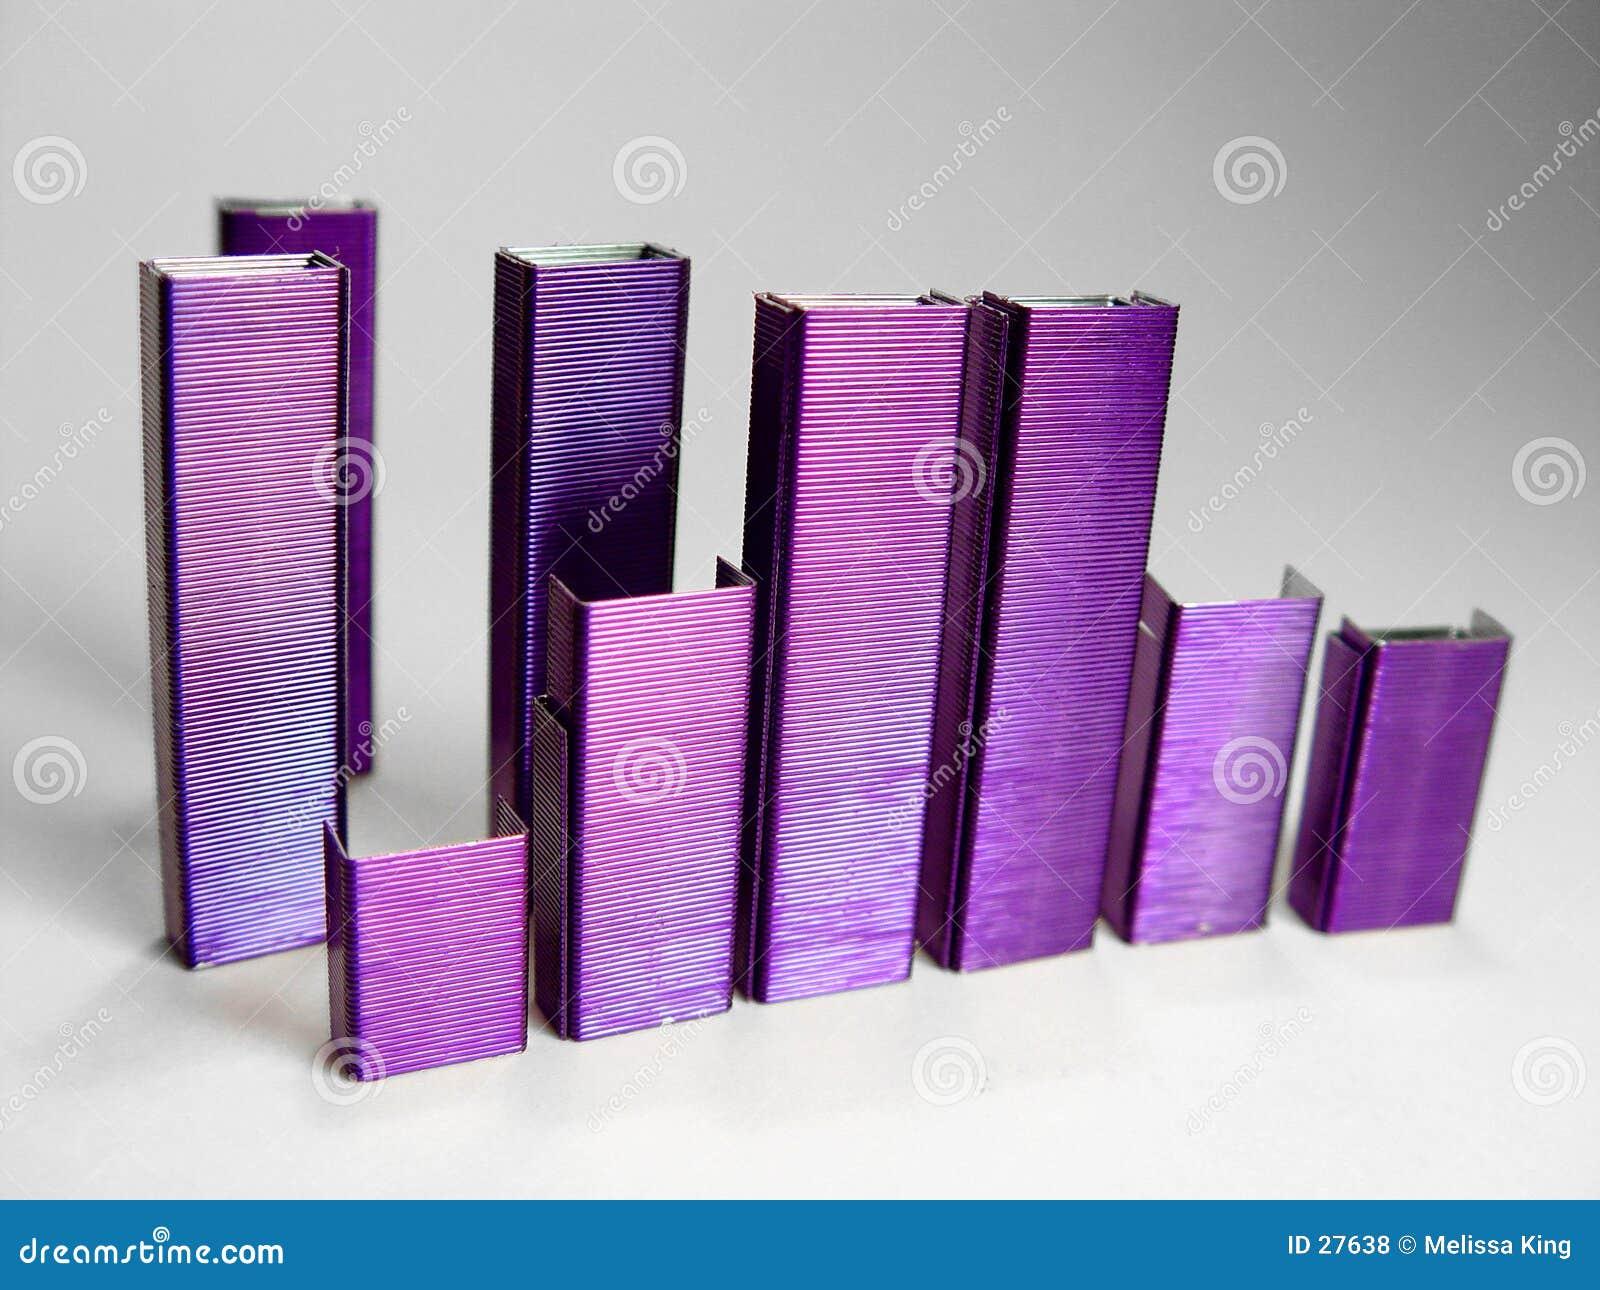 La púrpura abstracta sujeta con grapa II